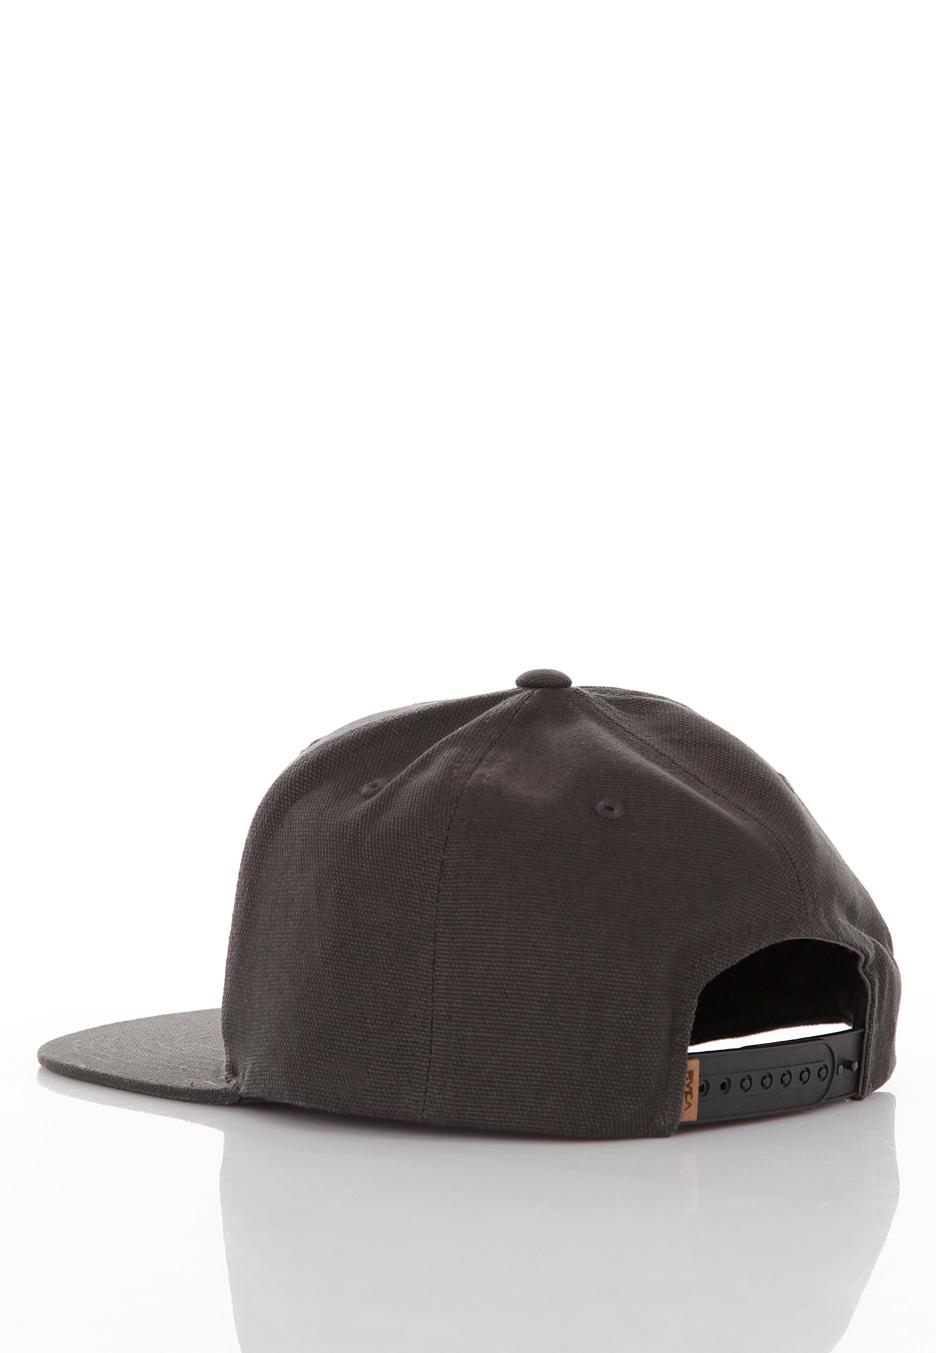 RVCA - Delux Pavement Snapback - Cap - Streetwear Shop - Impericon ... 32e935cfc5c